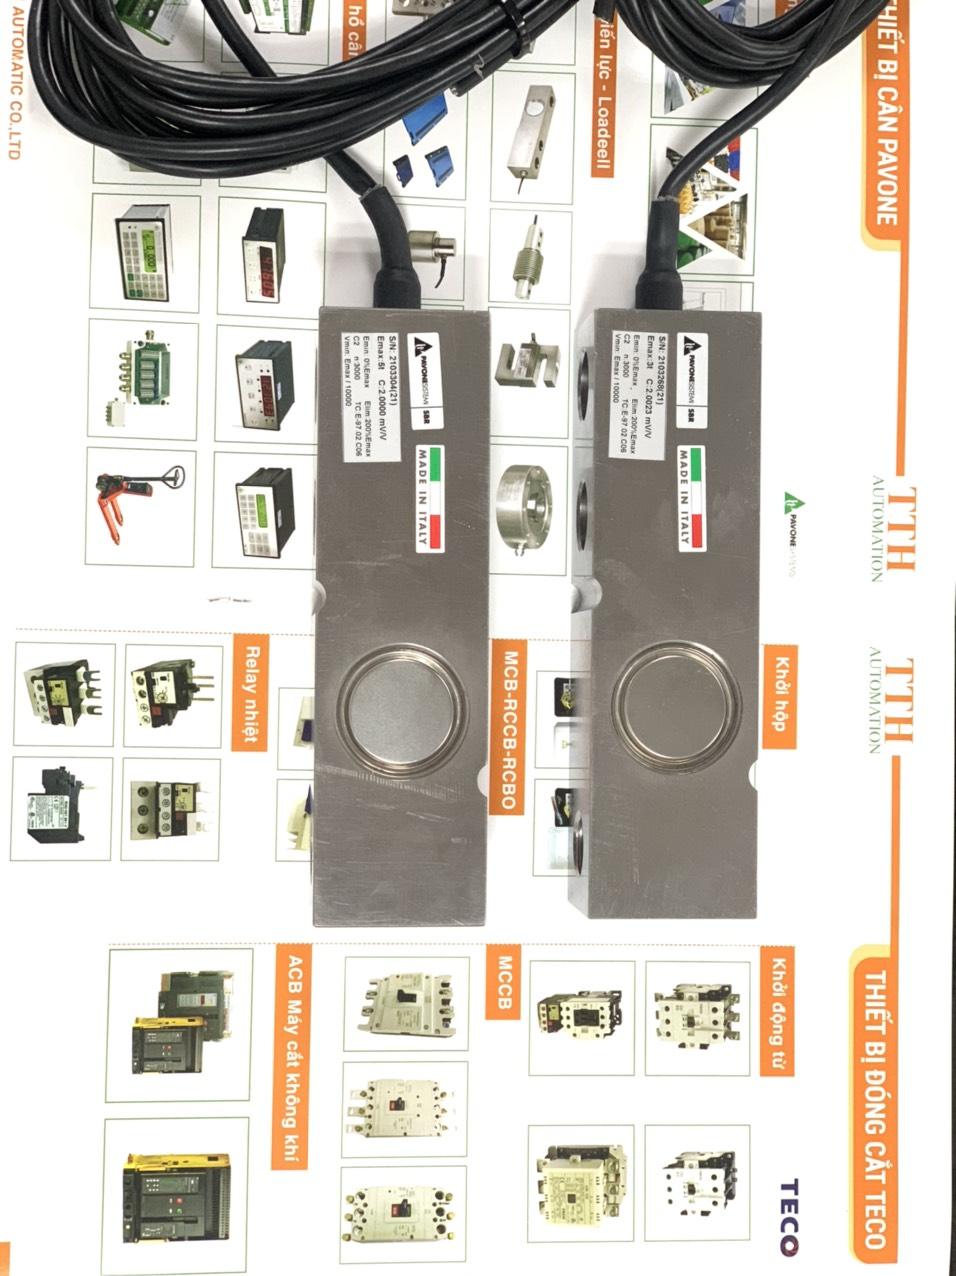 Loadcell thanh SBR - sản xuất Italy. Nhập Khẩu Chính Hãng bởi TTH-Automation